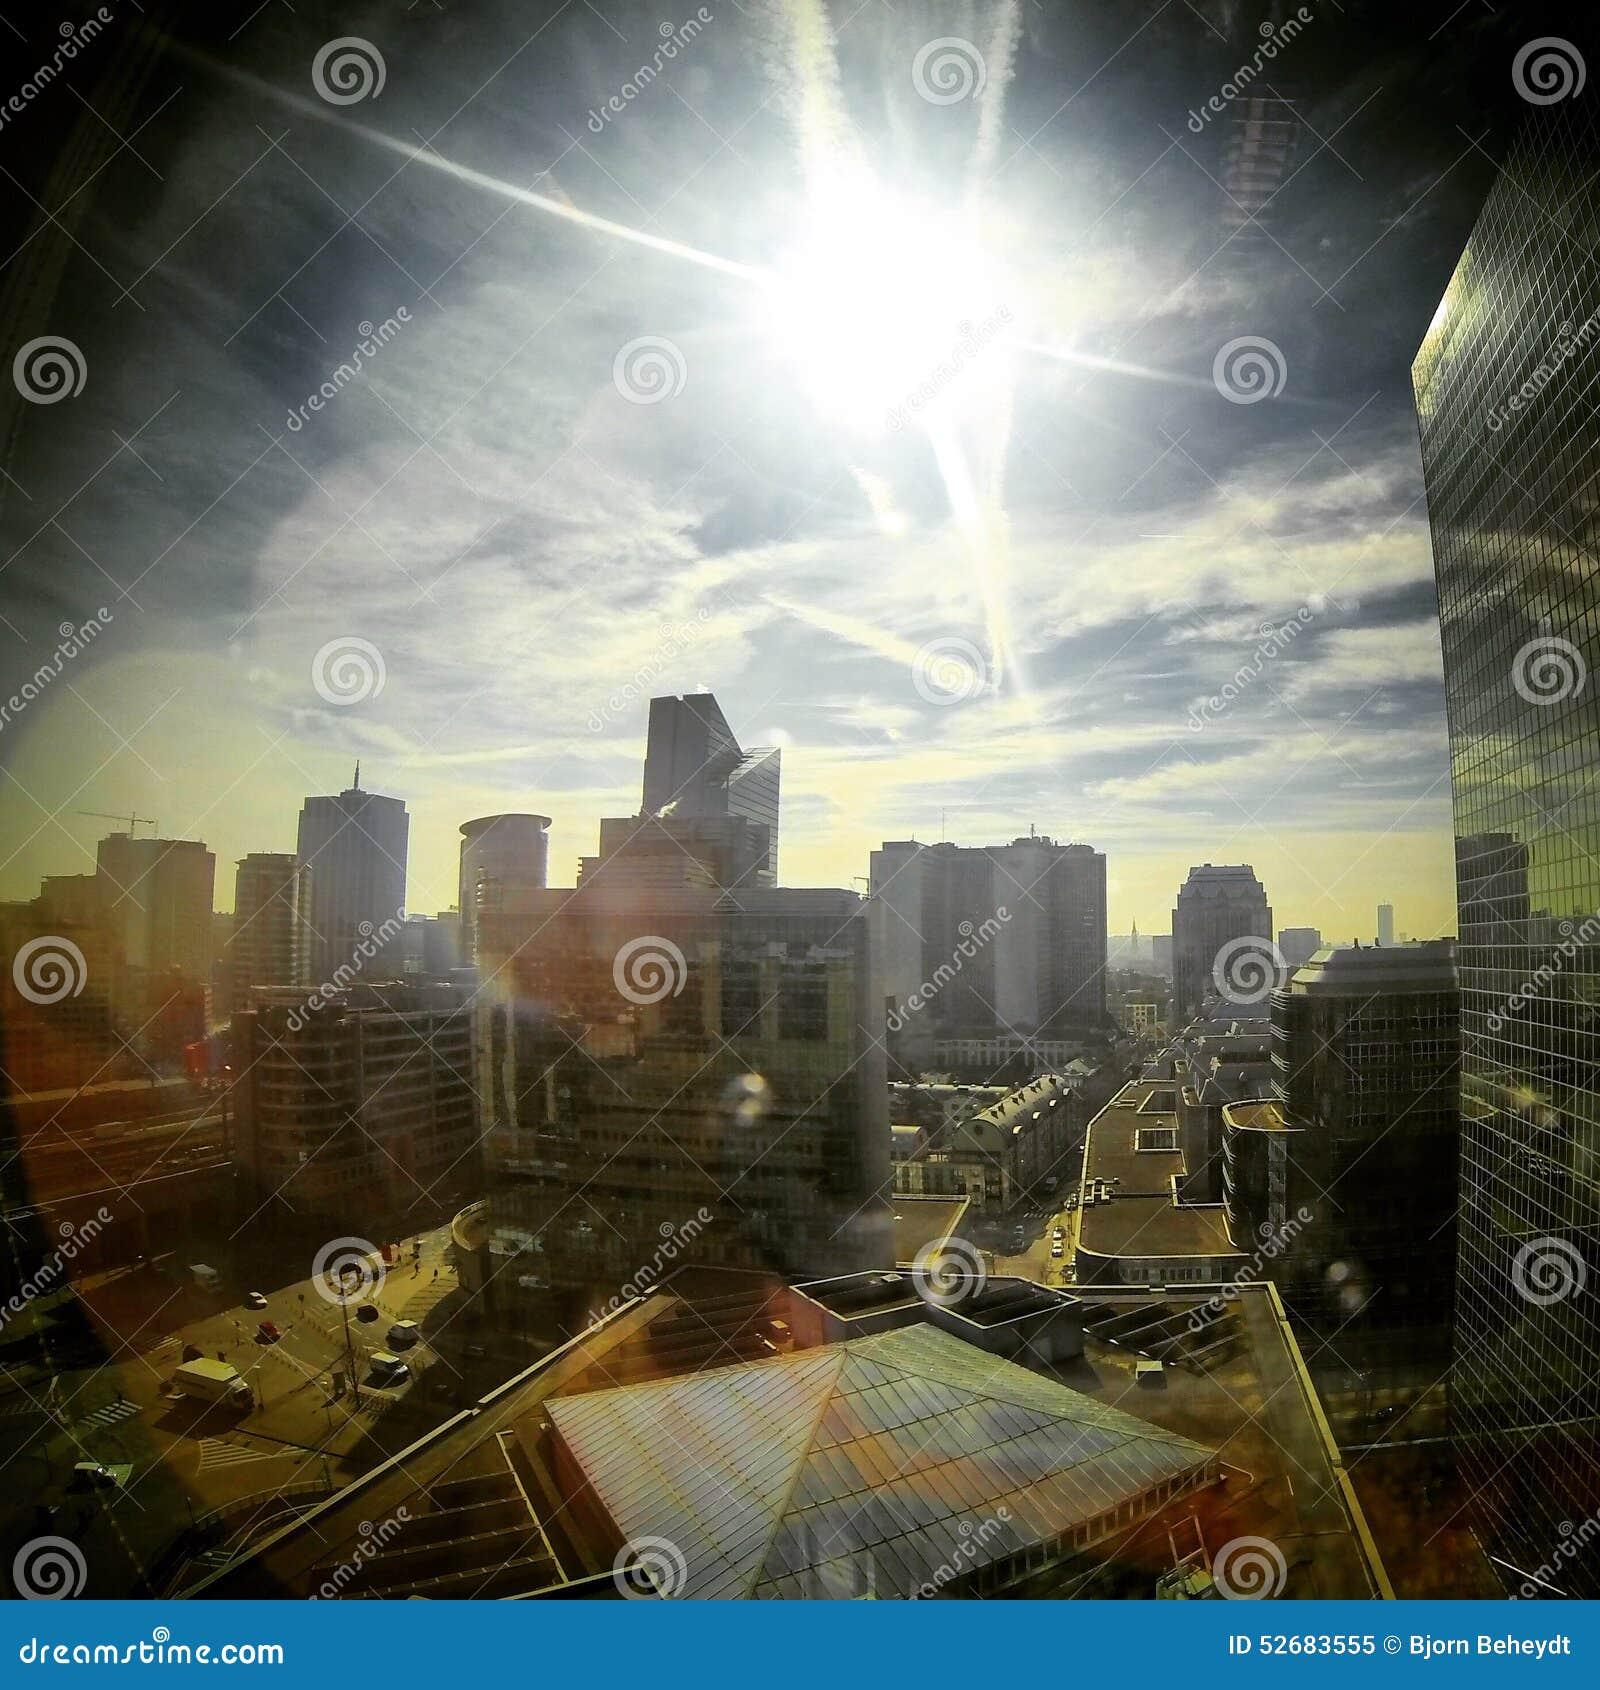 Sol som kikar i himlen över affärsmitten av en stad